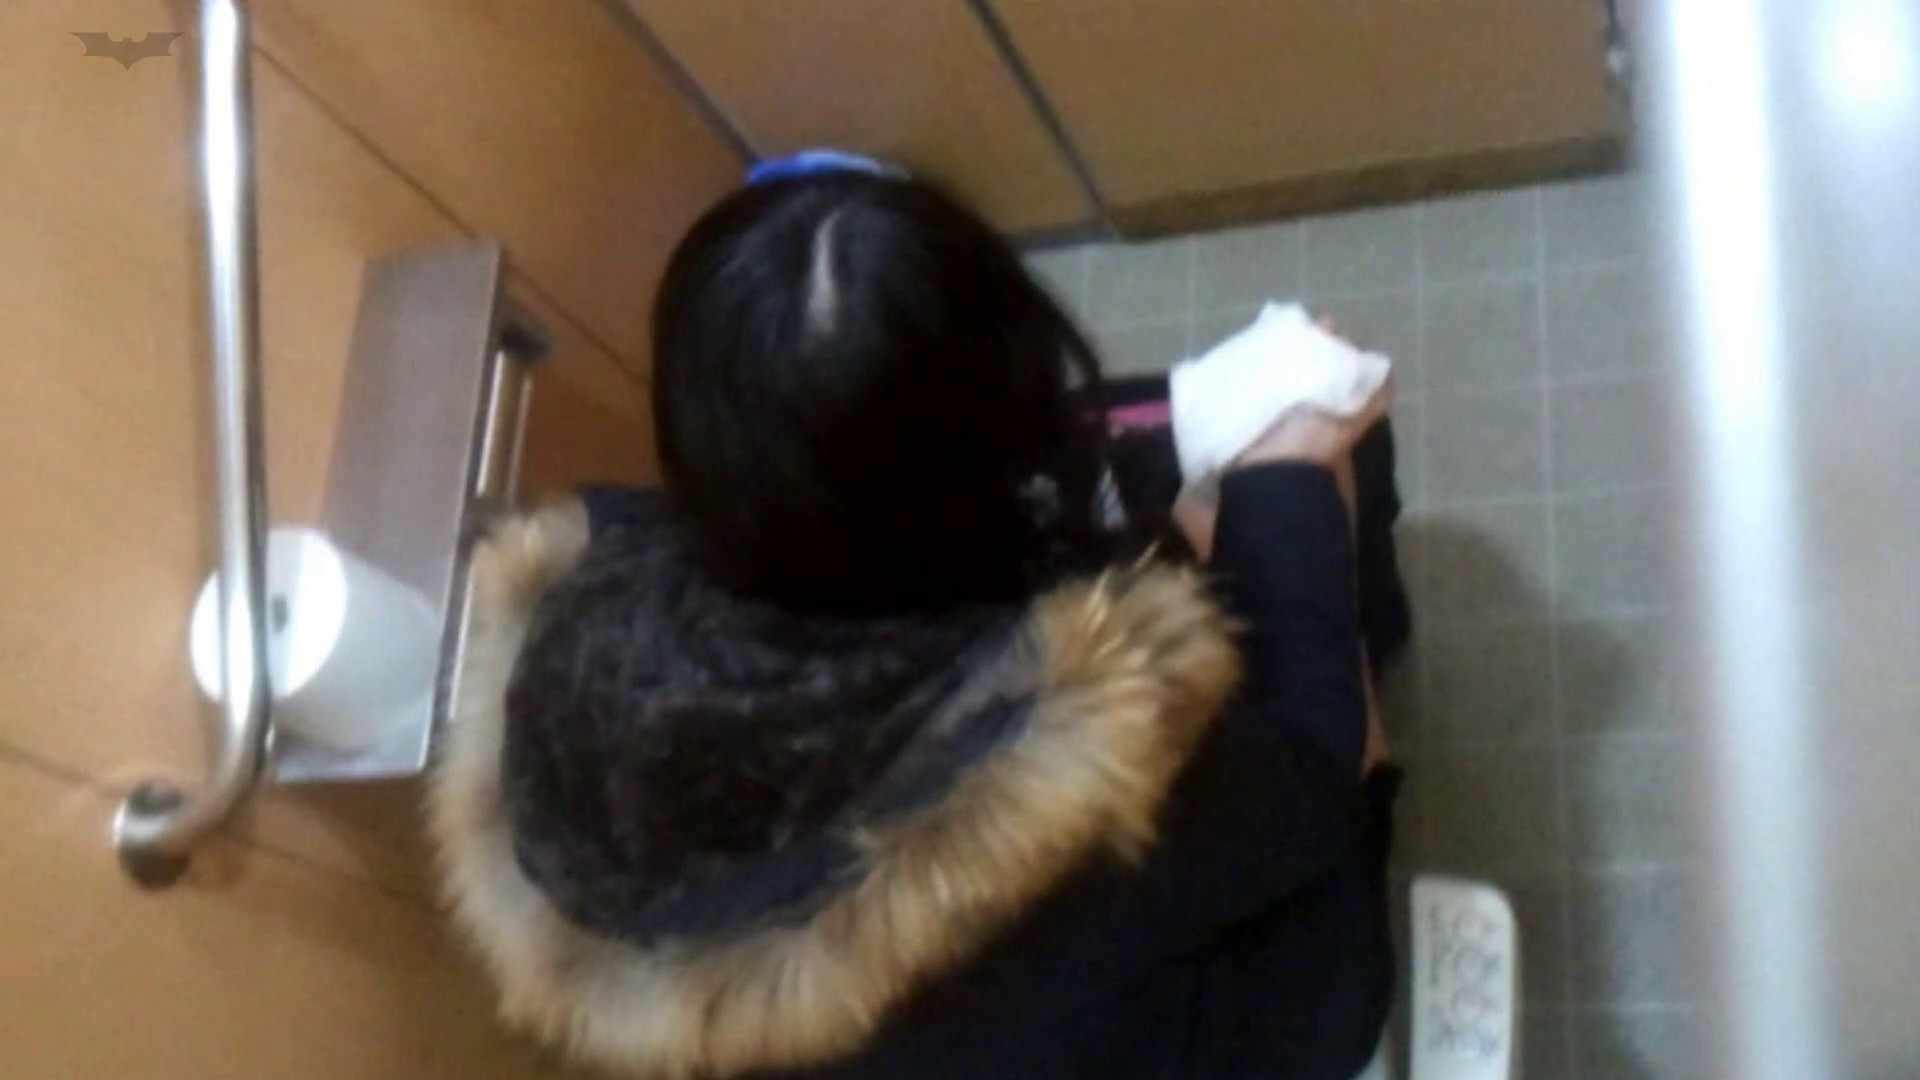 化粧室絵巻 商い場編 VOL.27 洗面所のぞき オマンコ無修正動画無料 108枚 63